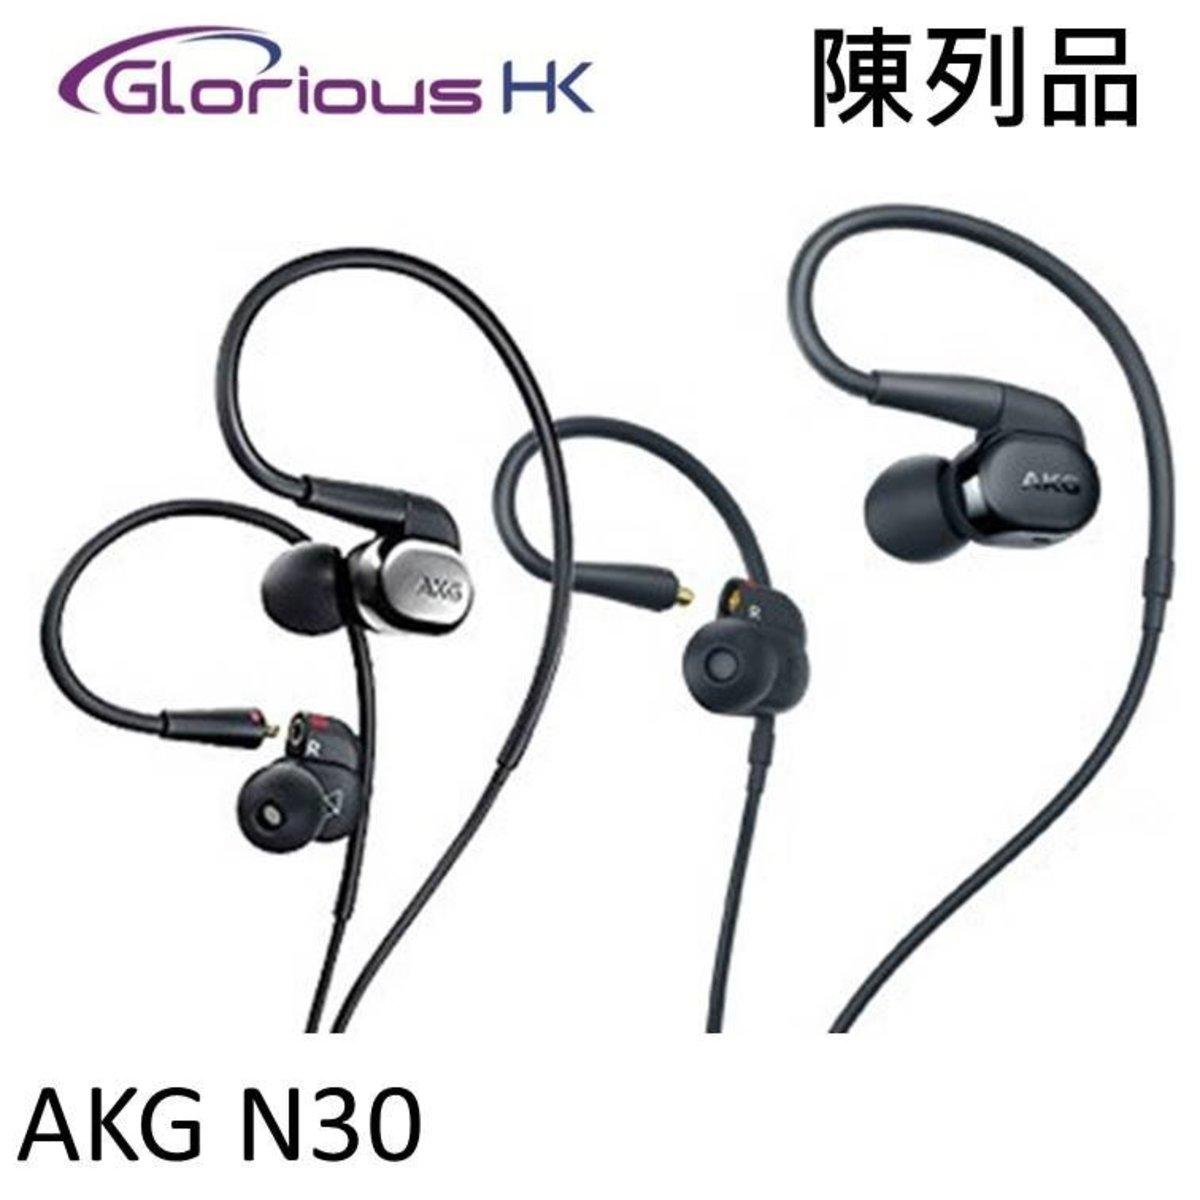 [Display Unit] N30 Hi-Res in-ear headphones Black